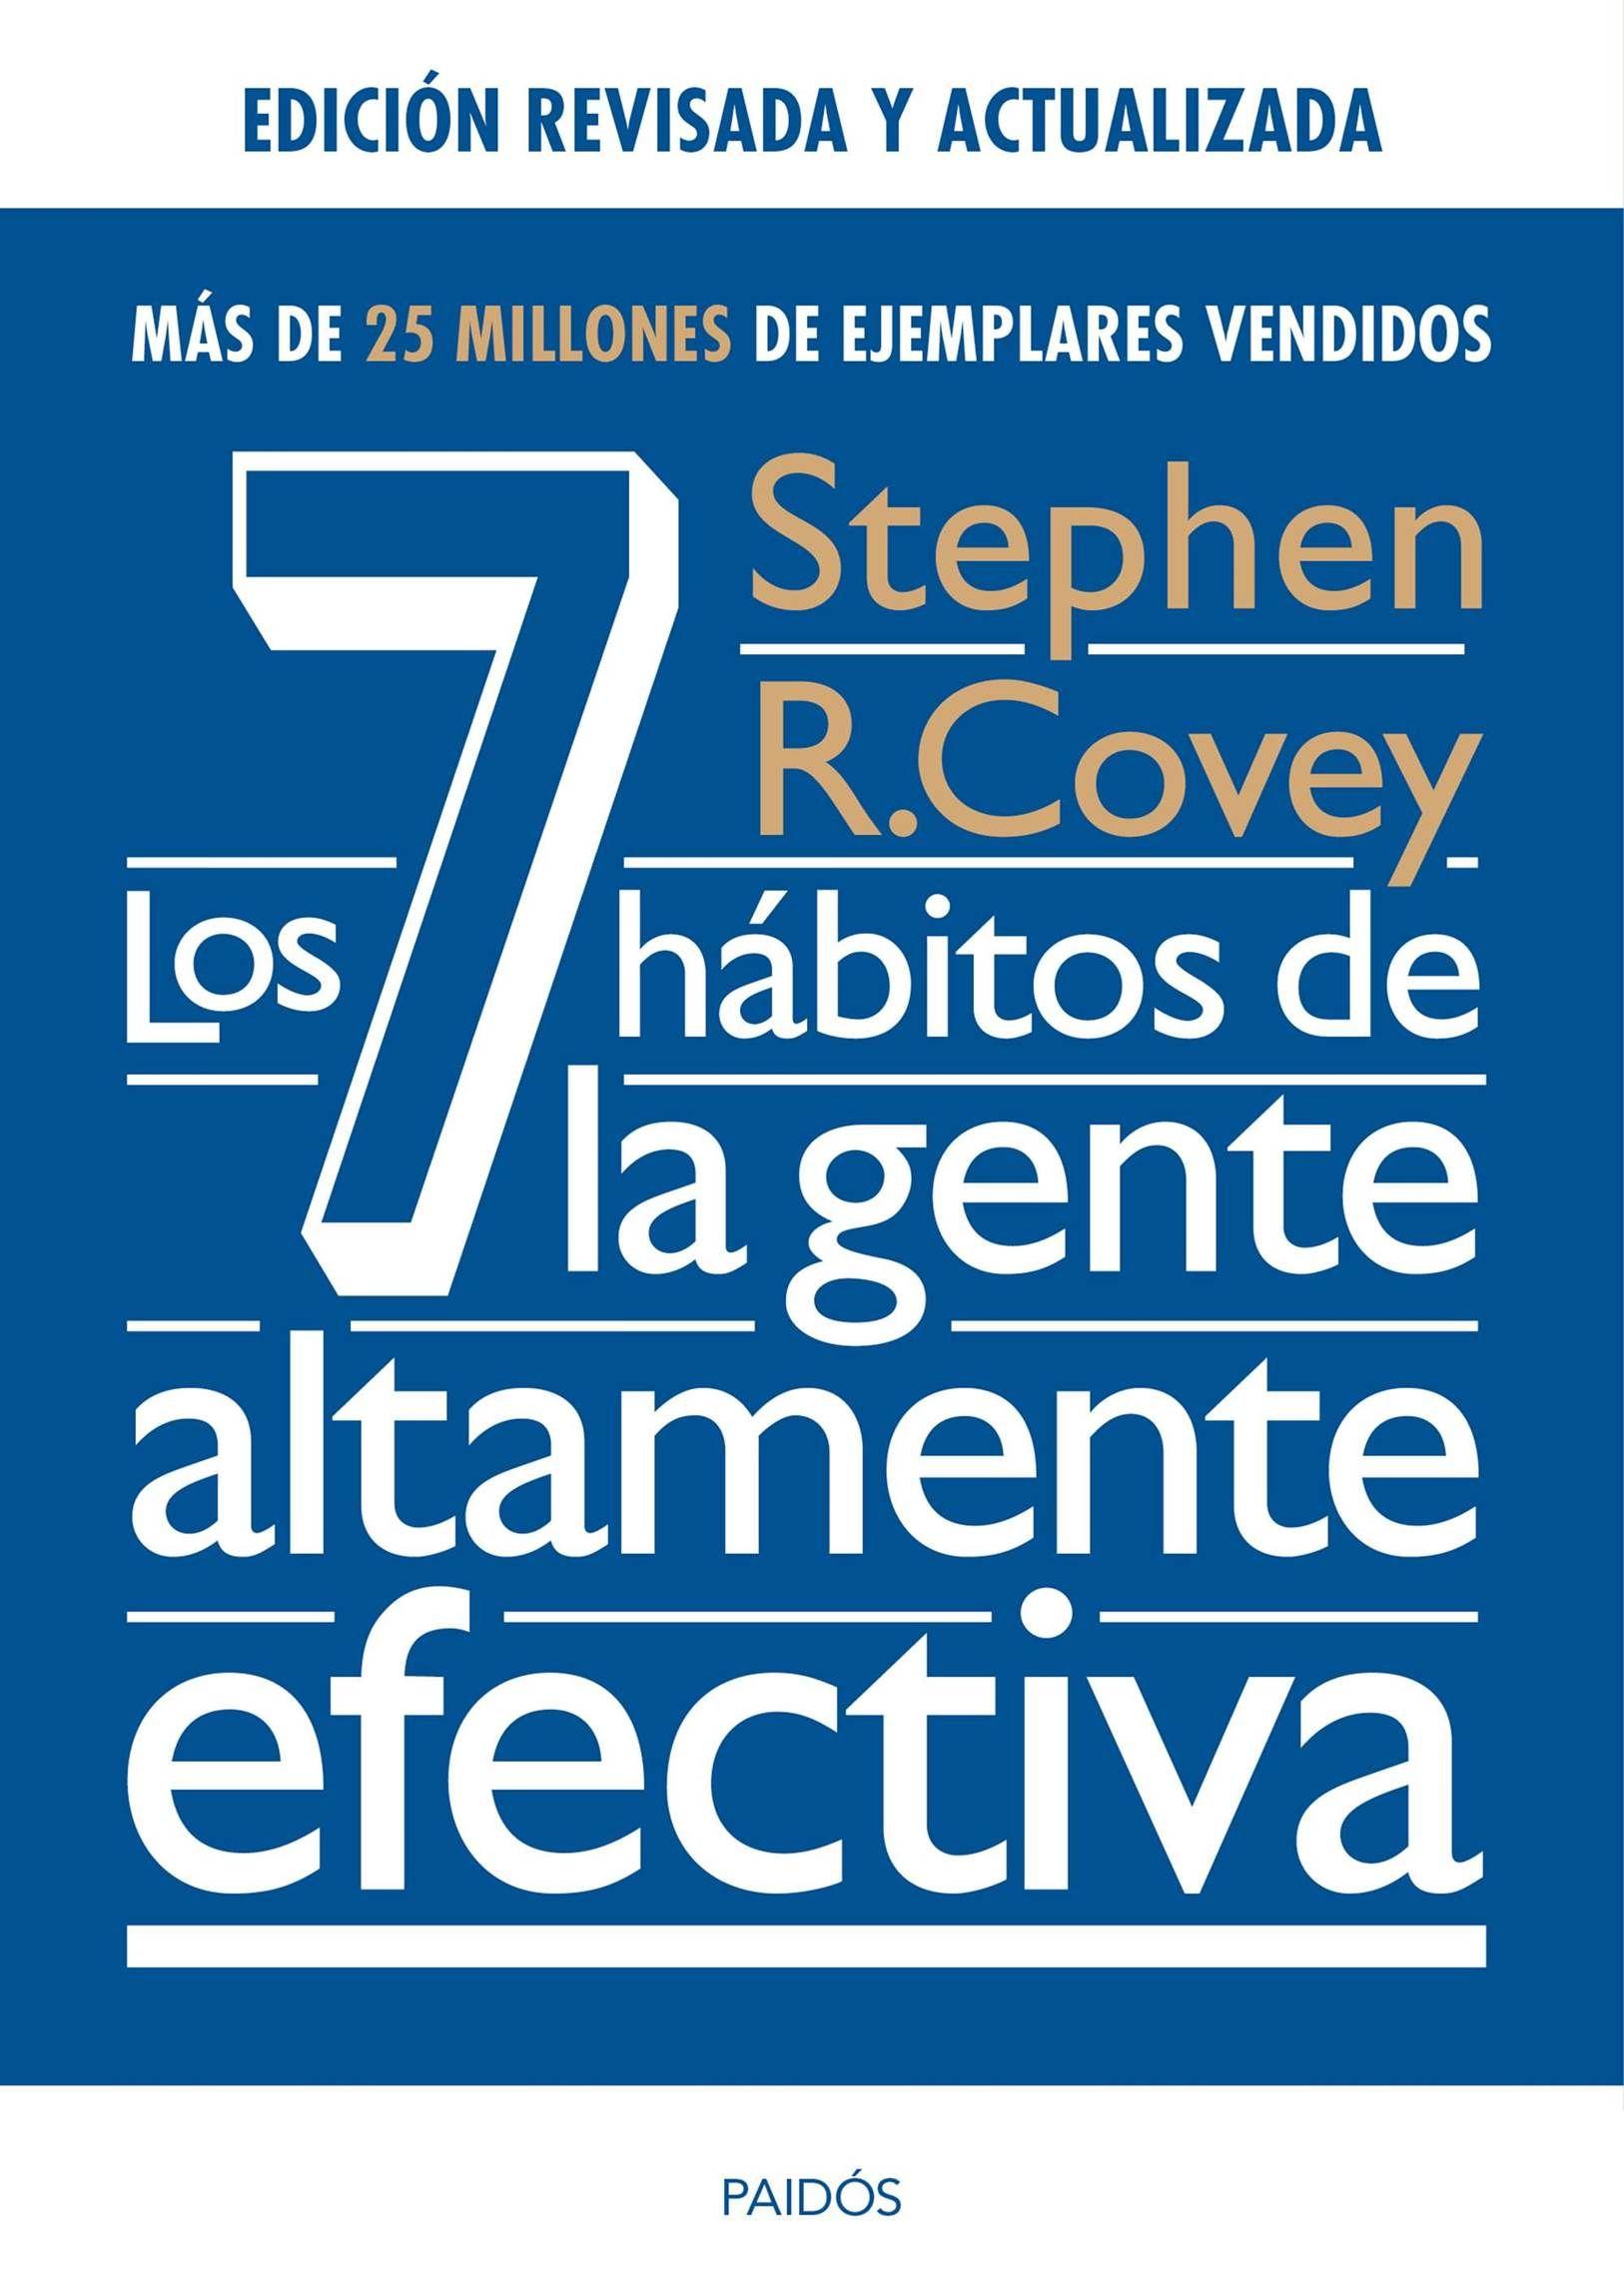 LIBRO LOS 7 HABITOS DE LA GENTE ALTAMENTE EFECTICA STEPHEN R. COVEY